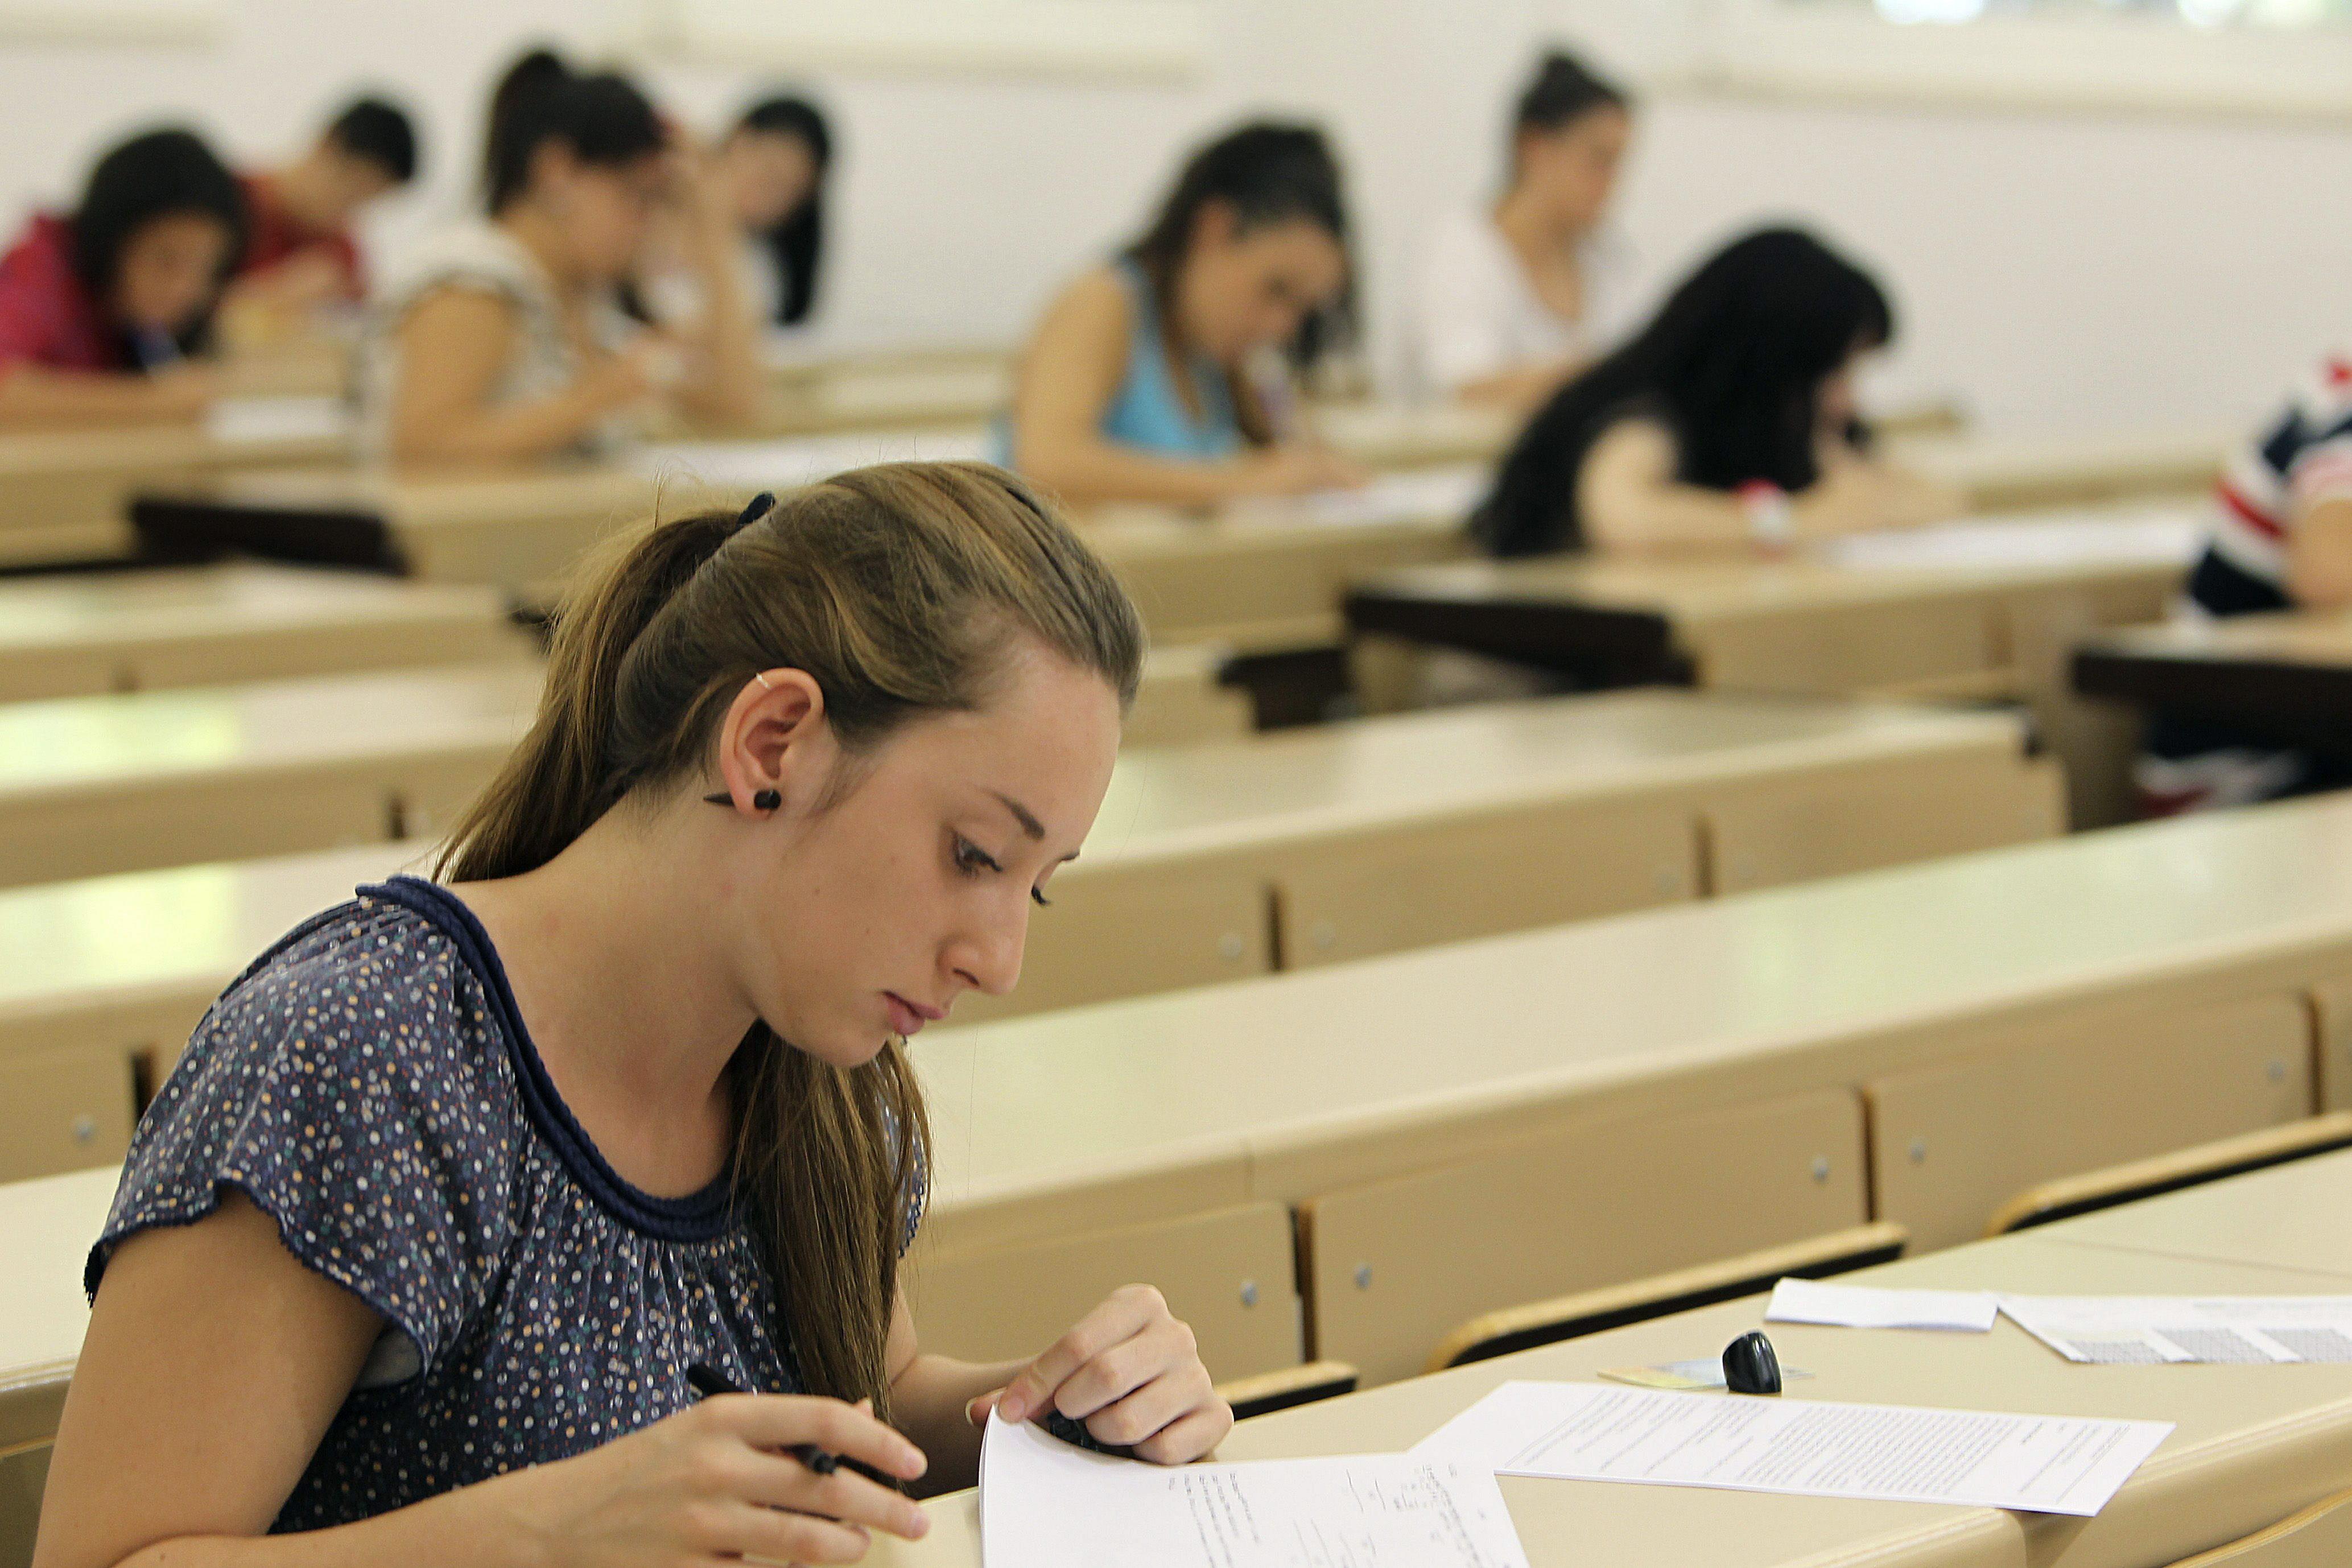 España tiene que incrementar la formación profesional de grado medio, según la OCDE